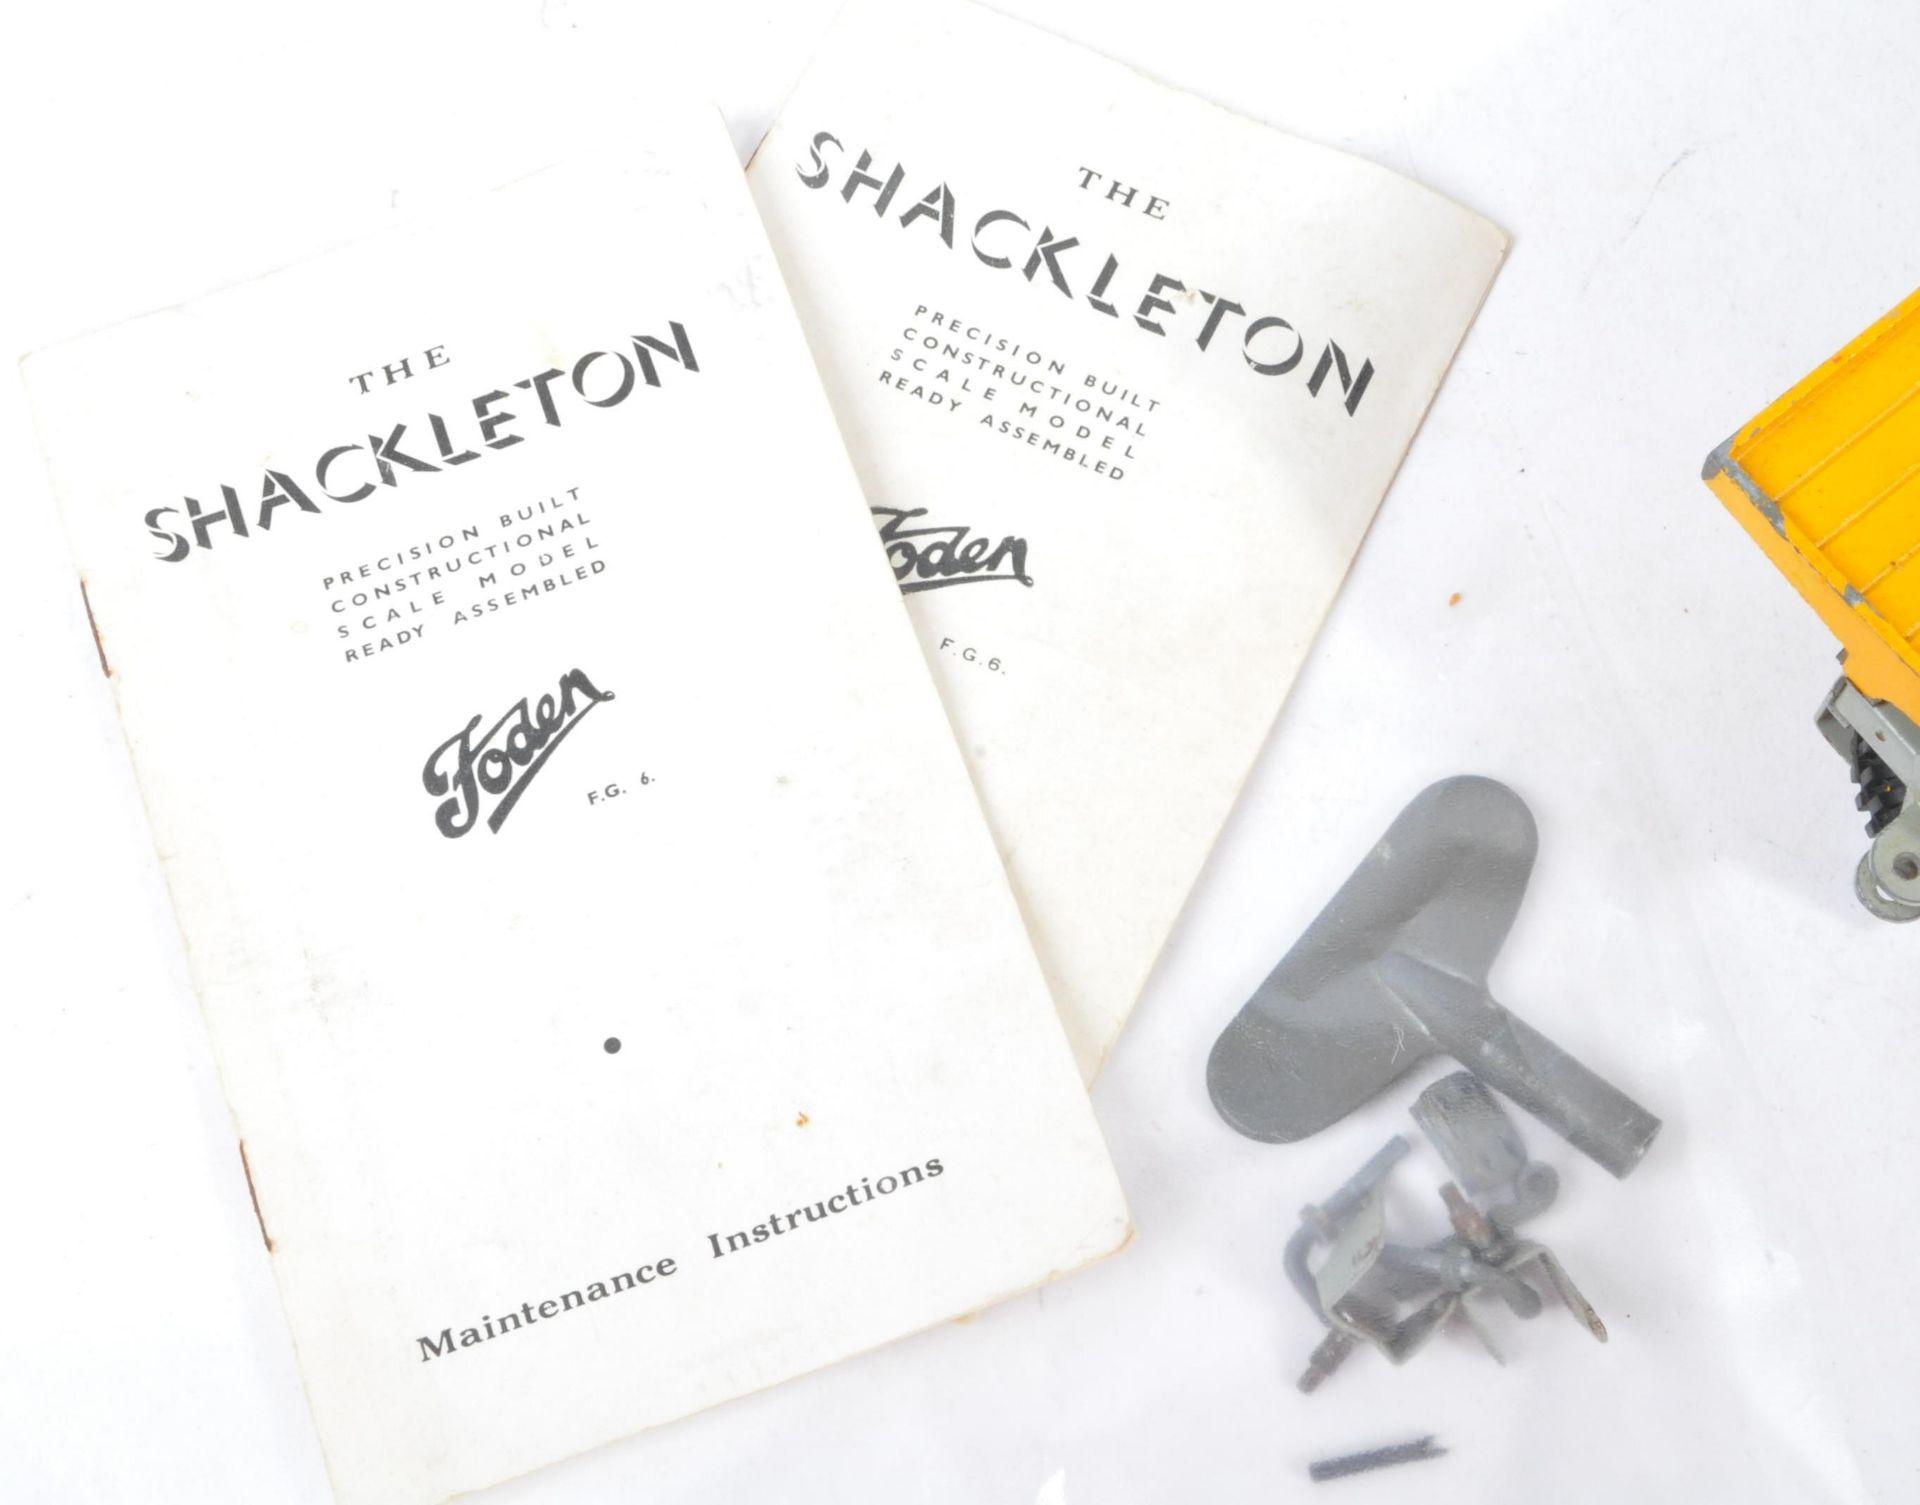 RARE VINTAGE SHACKLETON TOY ' MECHANICAL FODEN ' WORKING MODEL - Image 23 of 24